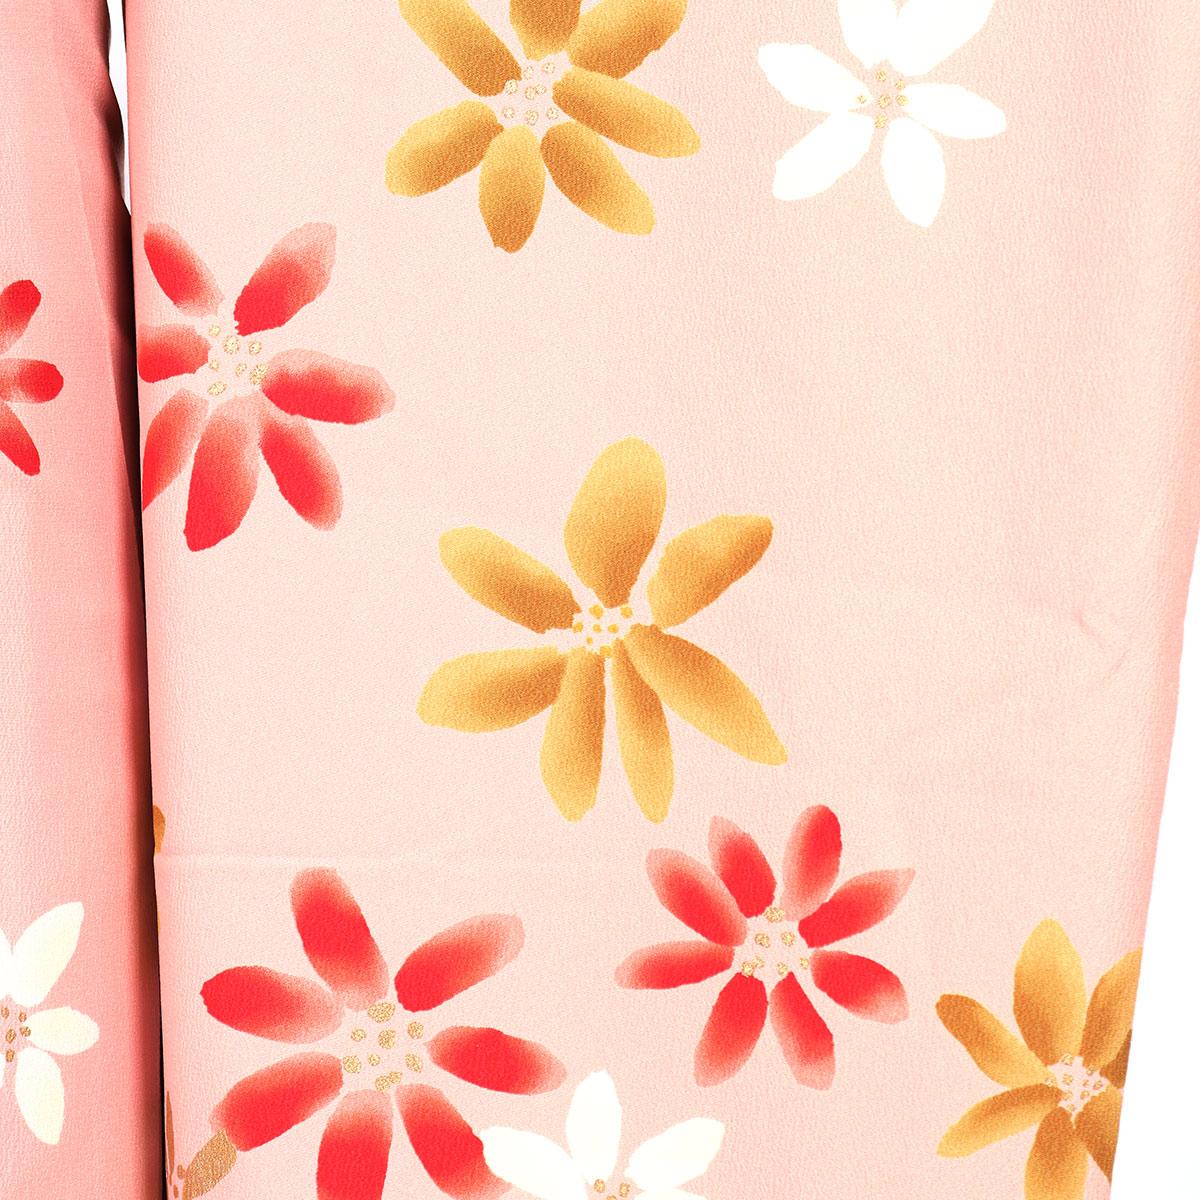 【成人式】 [安心の長期間レンタル]【対応身長155cm〜170cm】レンタル振袖フルセット-904 花柄 レトロ 定番 ポップキュート ピンク系 ツ